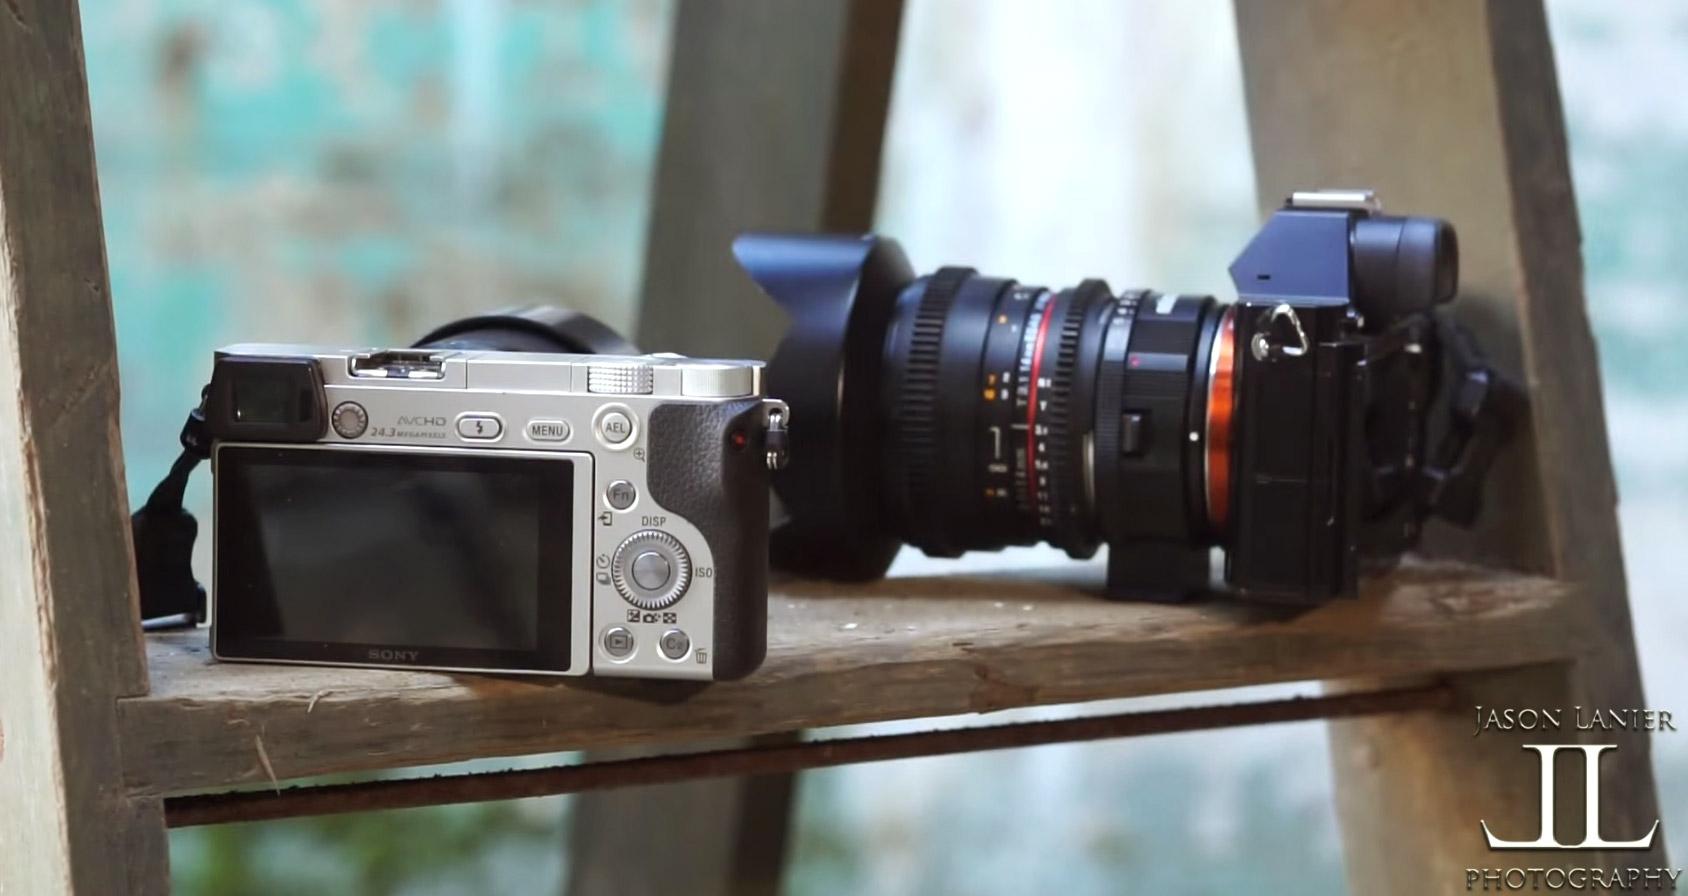 Jason Lanier a-t-il eu raison d'abandonner Nikon pour le mirrorless chez Sony ?